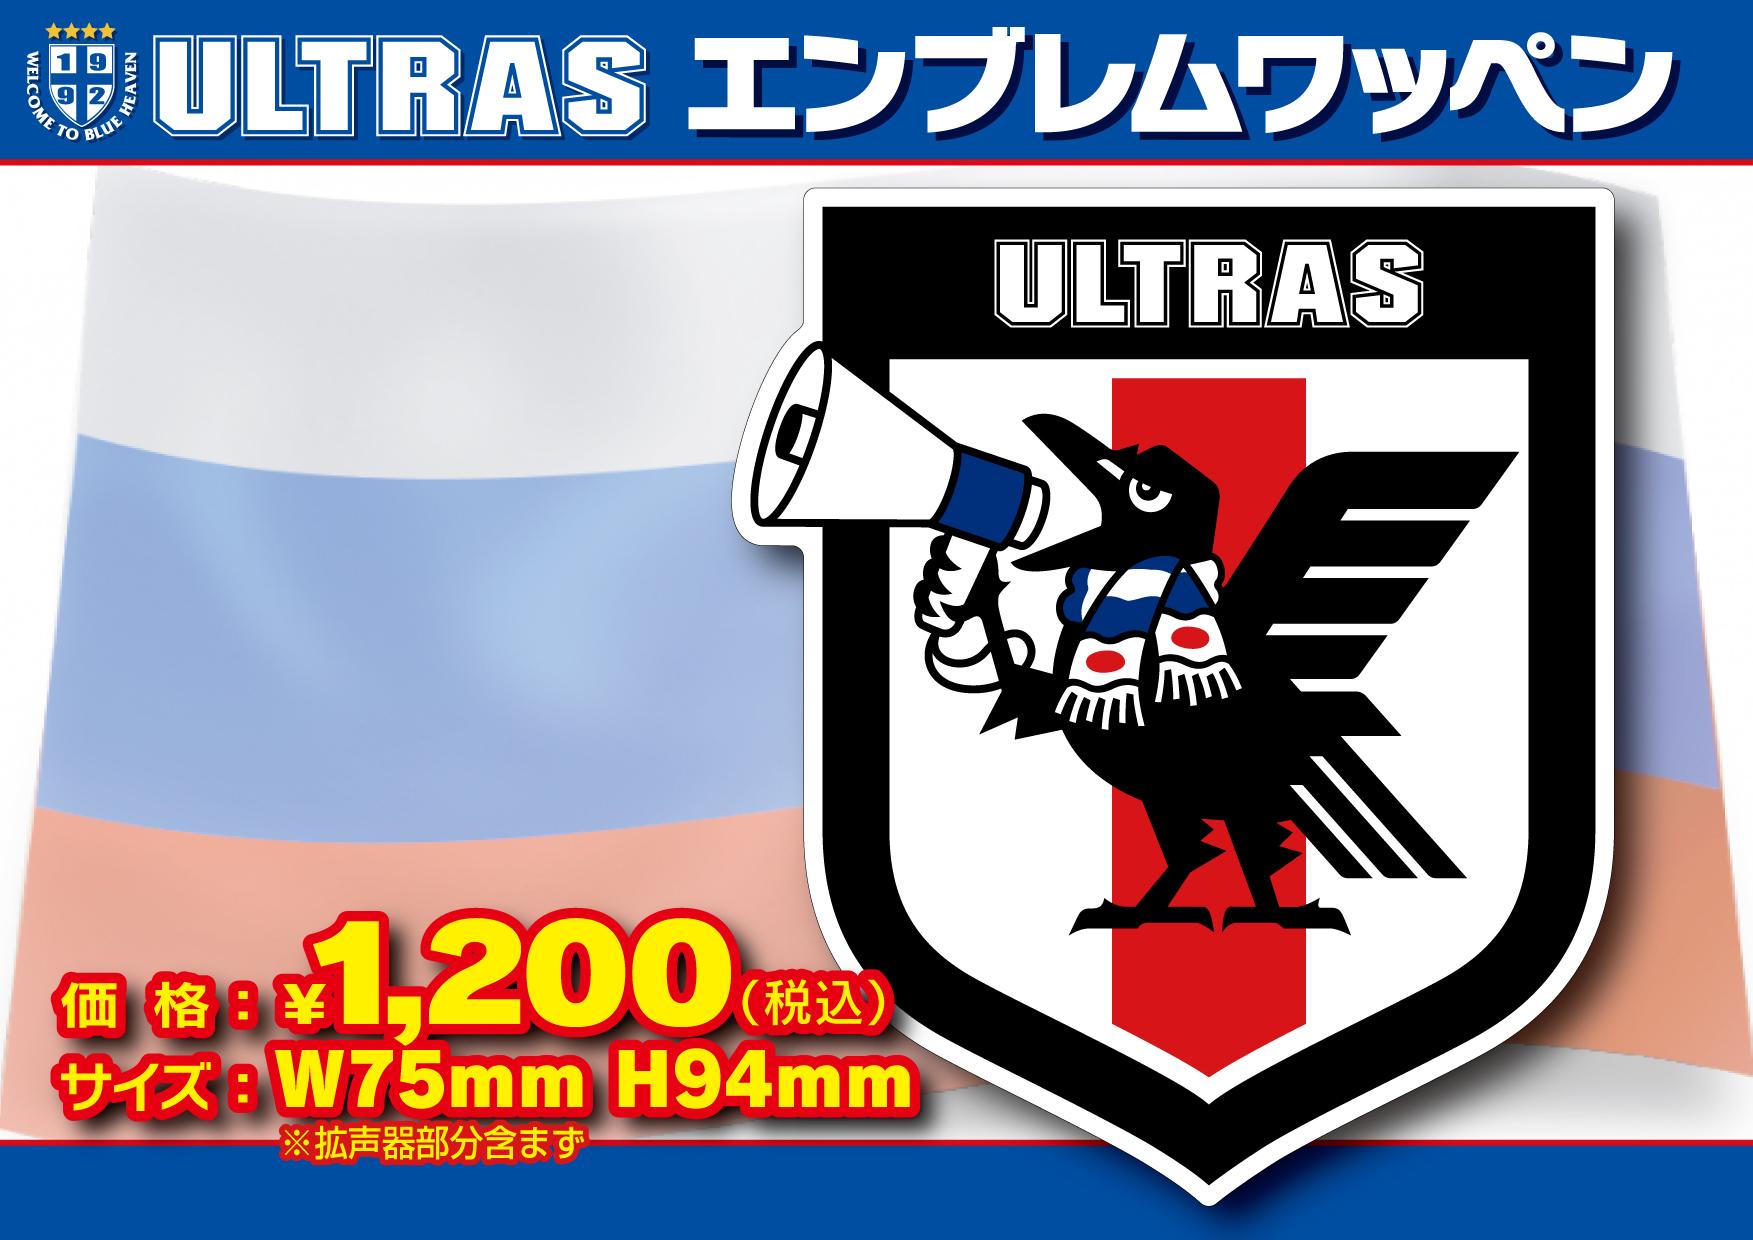 【メール便発送可】ULTRASエンブレムワッペン